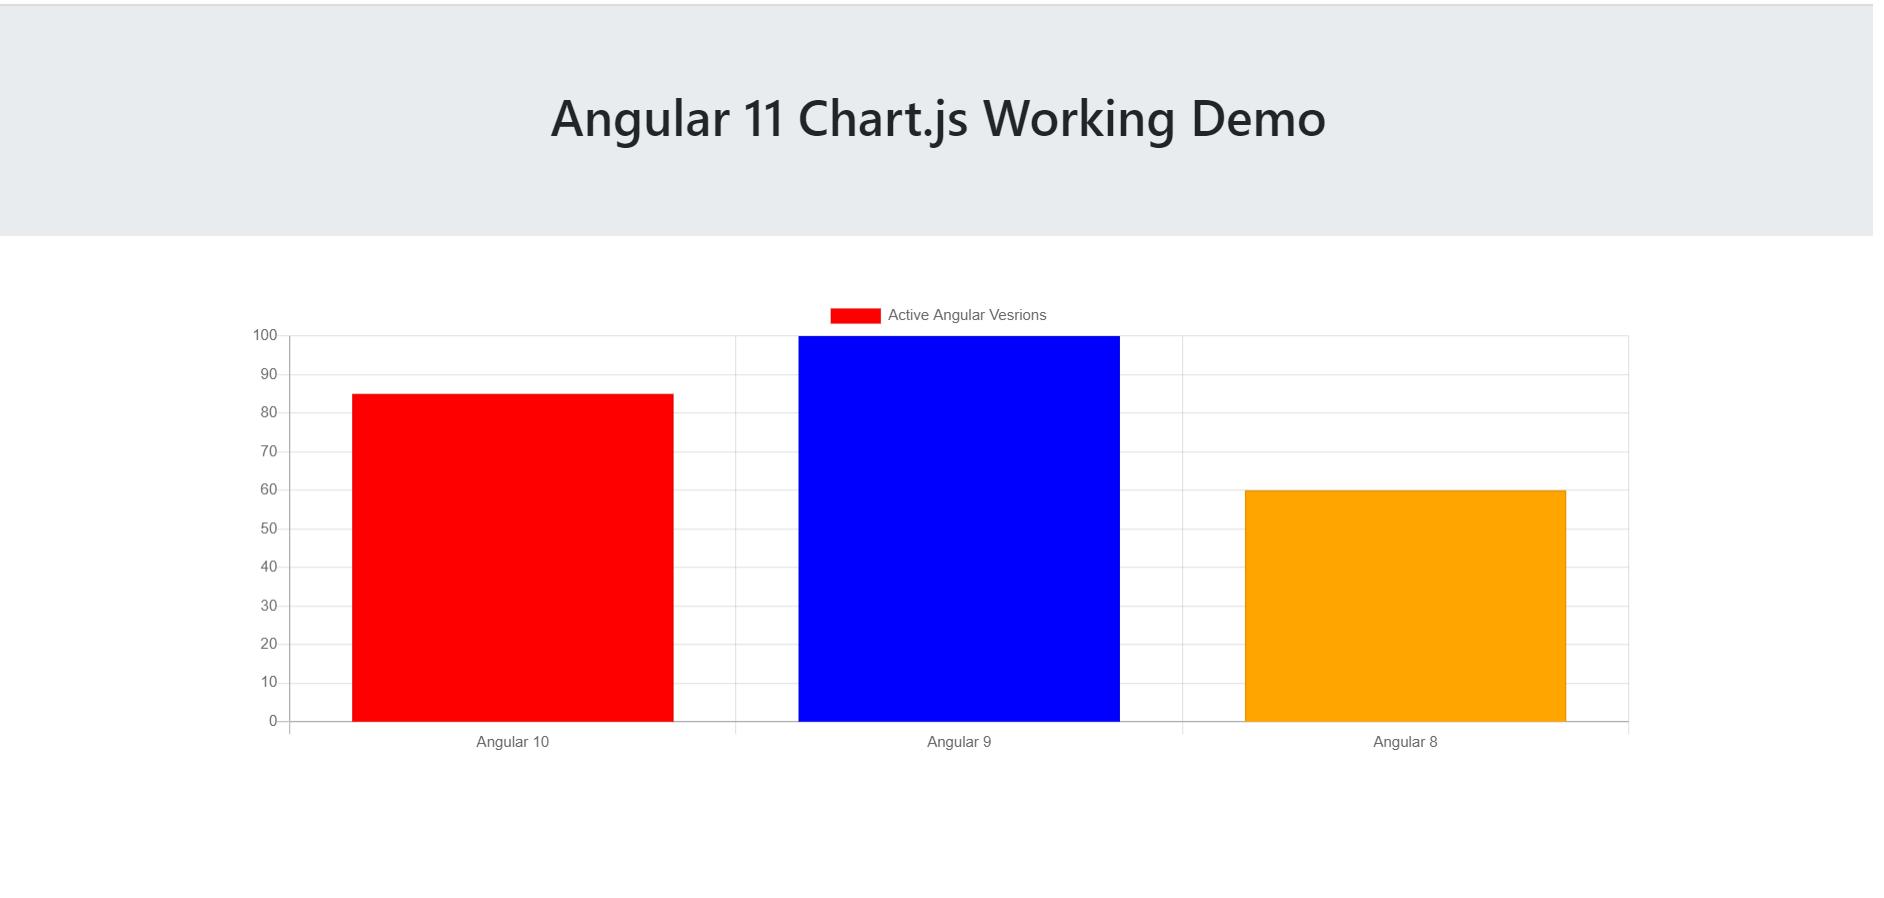 Angular 11 Chartjs Working Demo